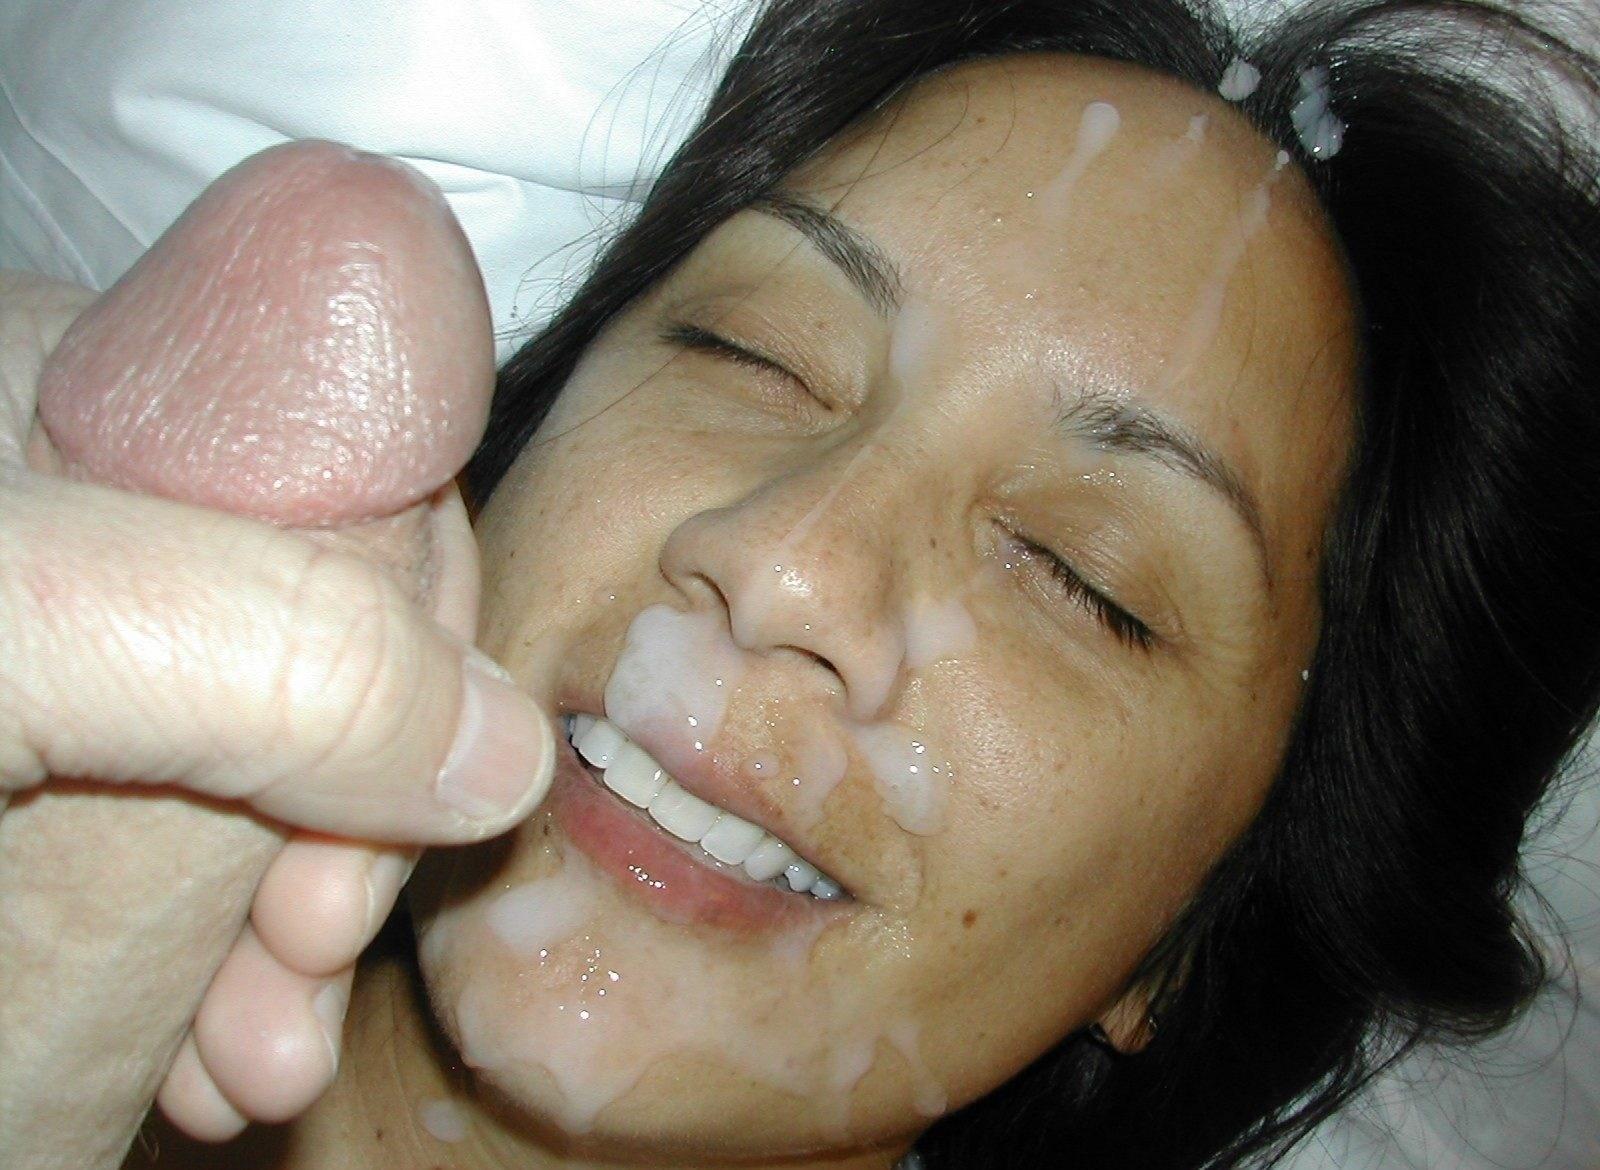 Сперма у мамы на лице фото, Мамке кончили на личико дома - секс порно фото 11 фотография